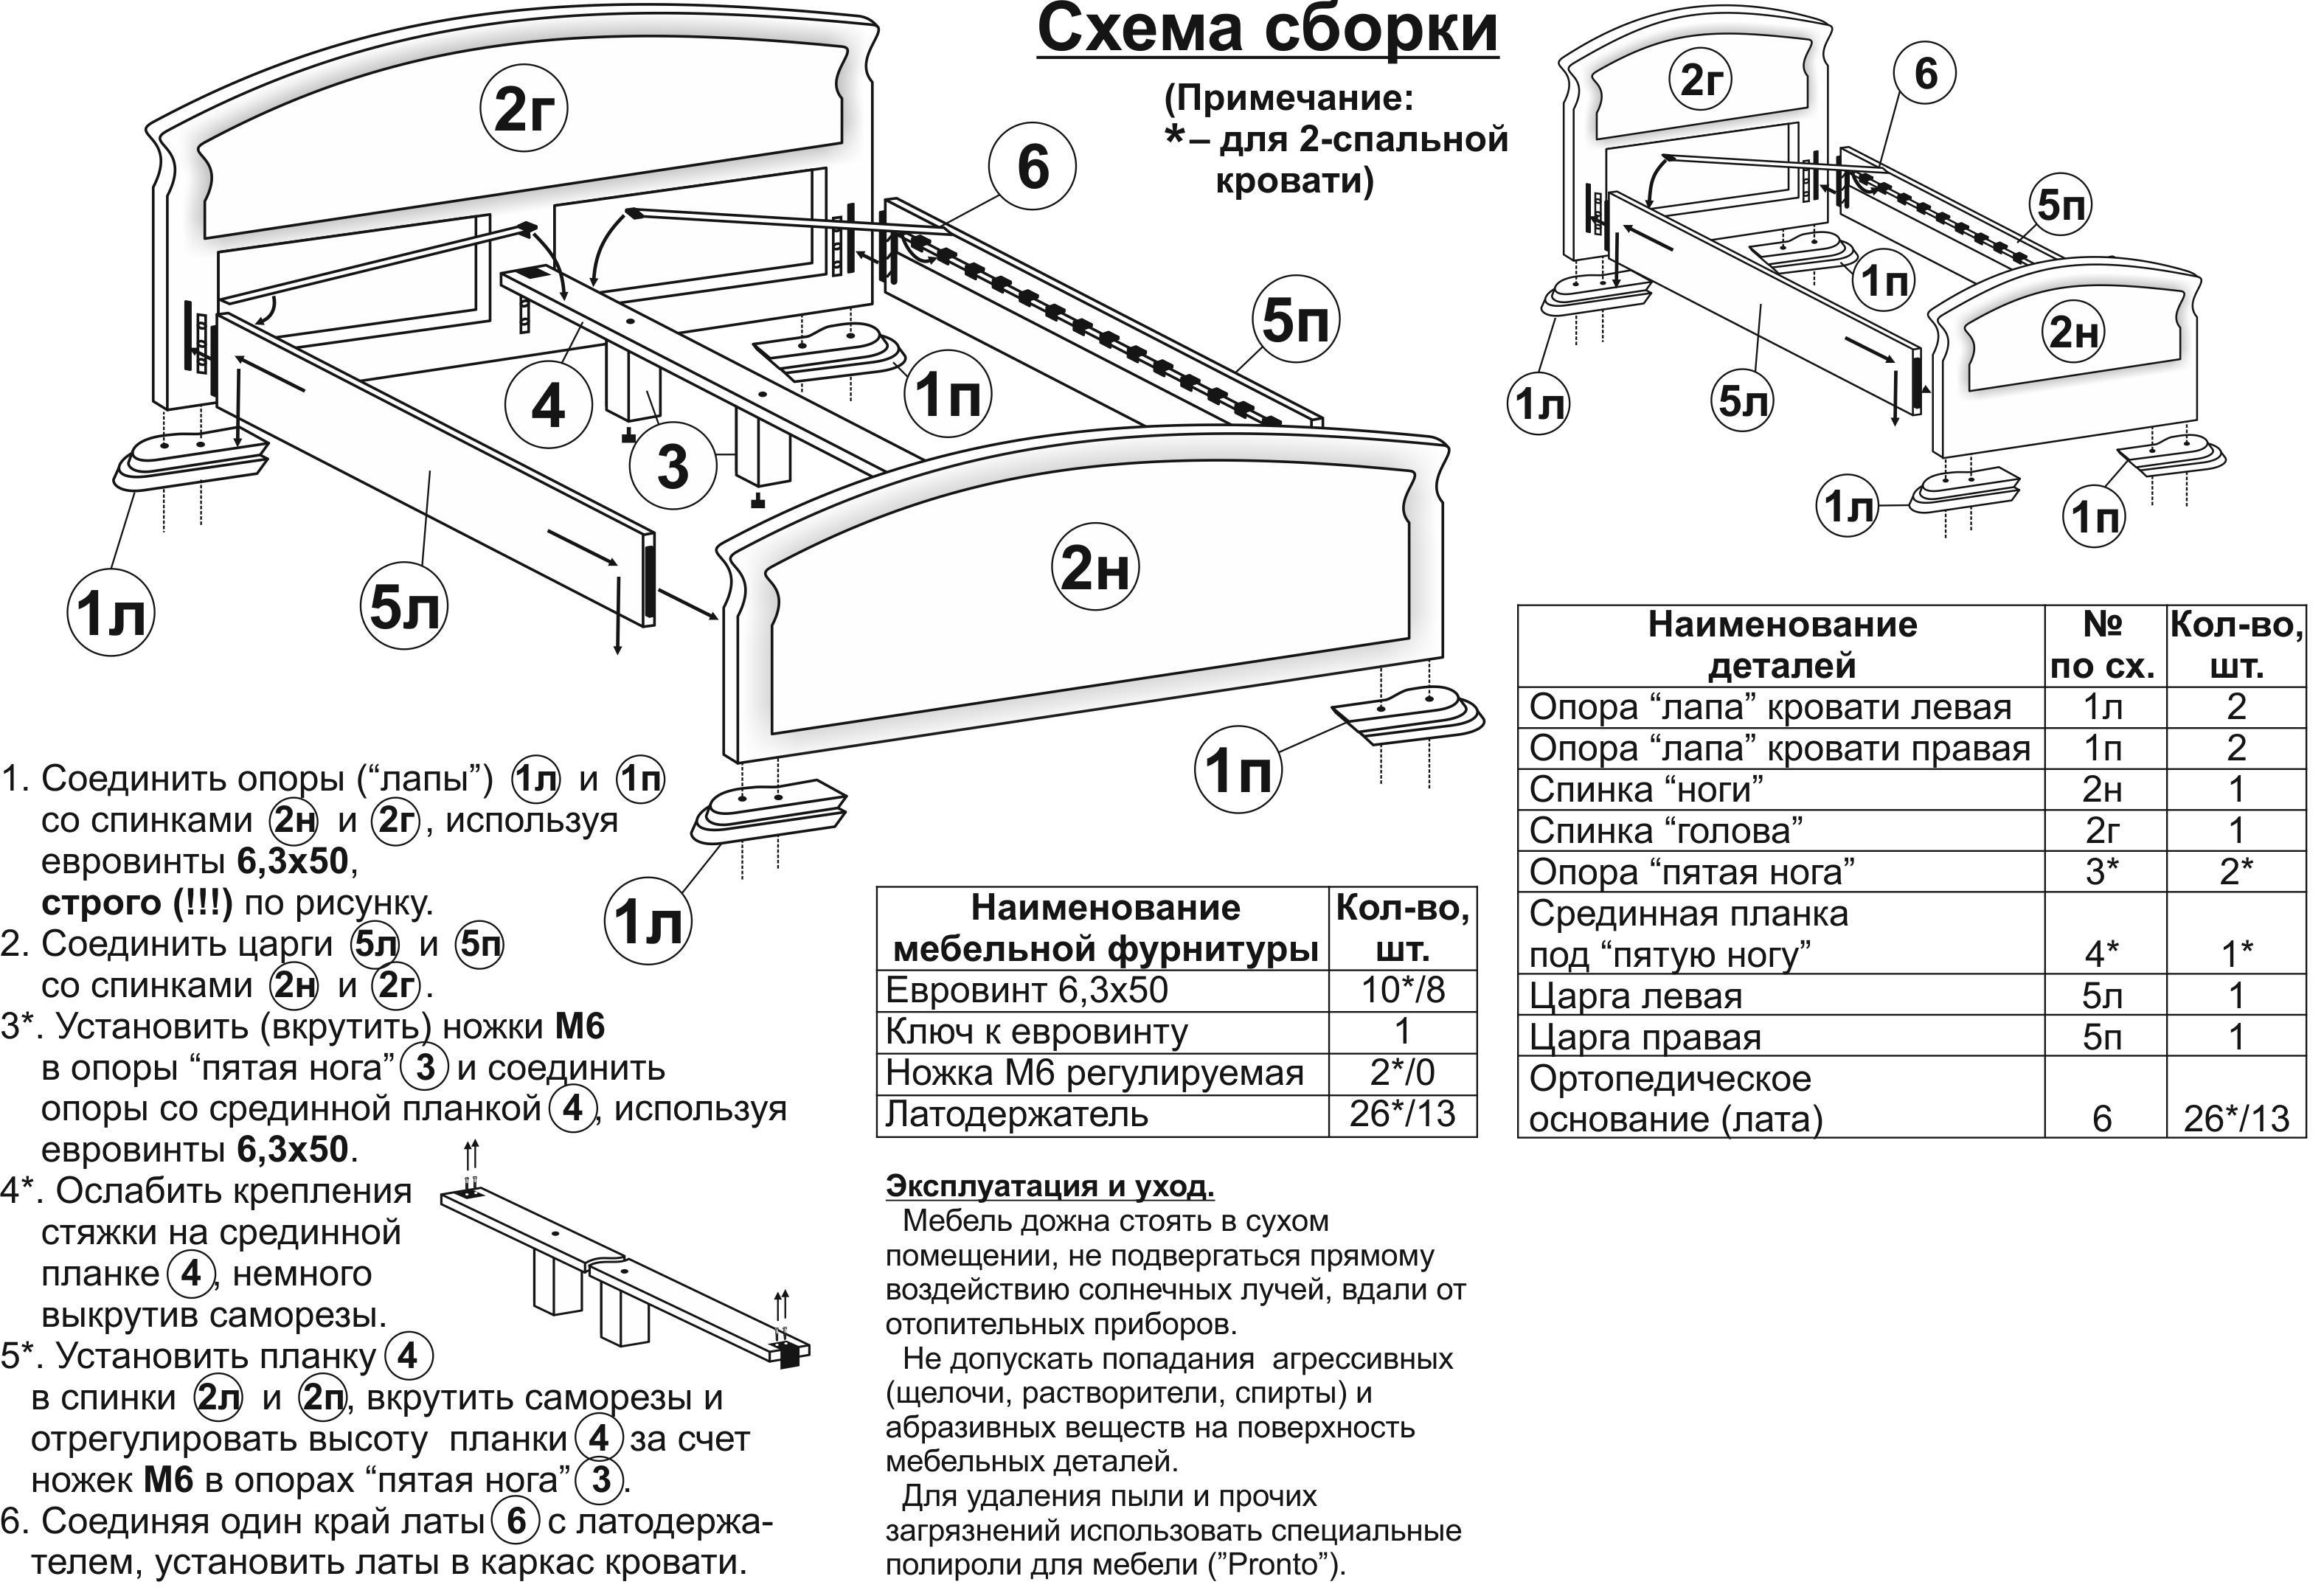 Двуспальная кровать схема сборки